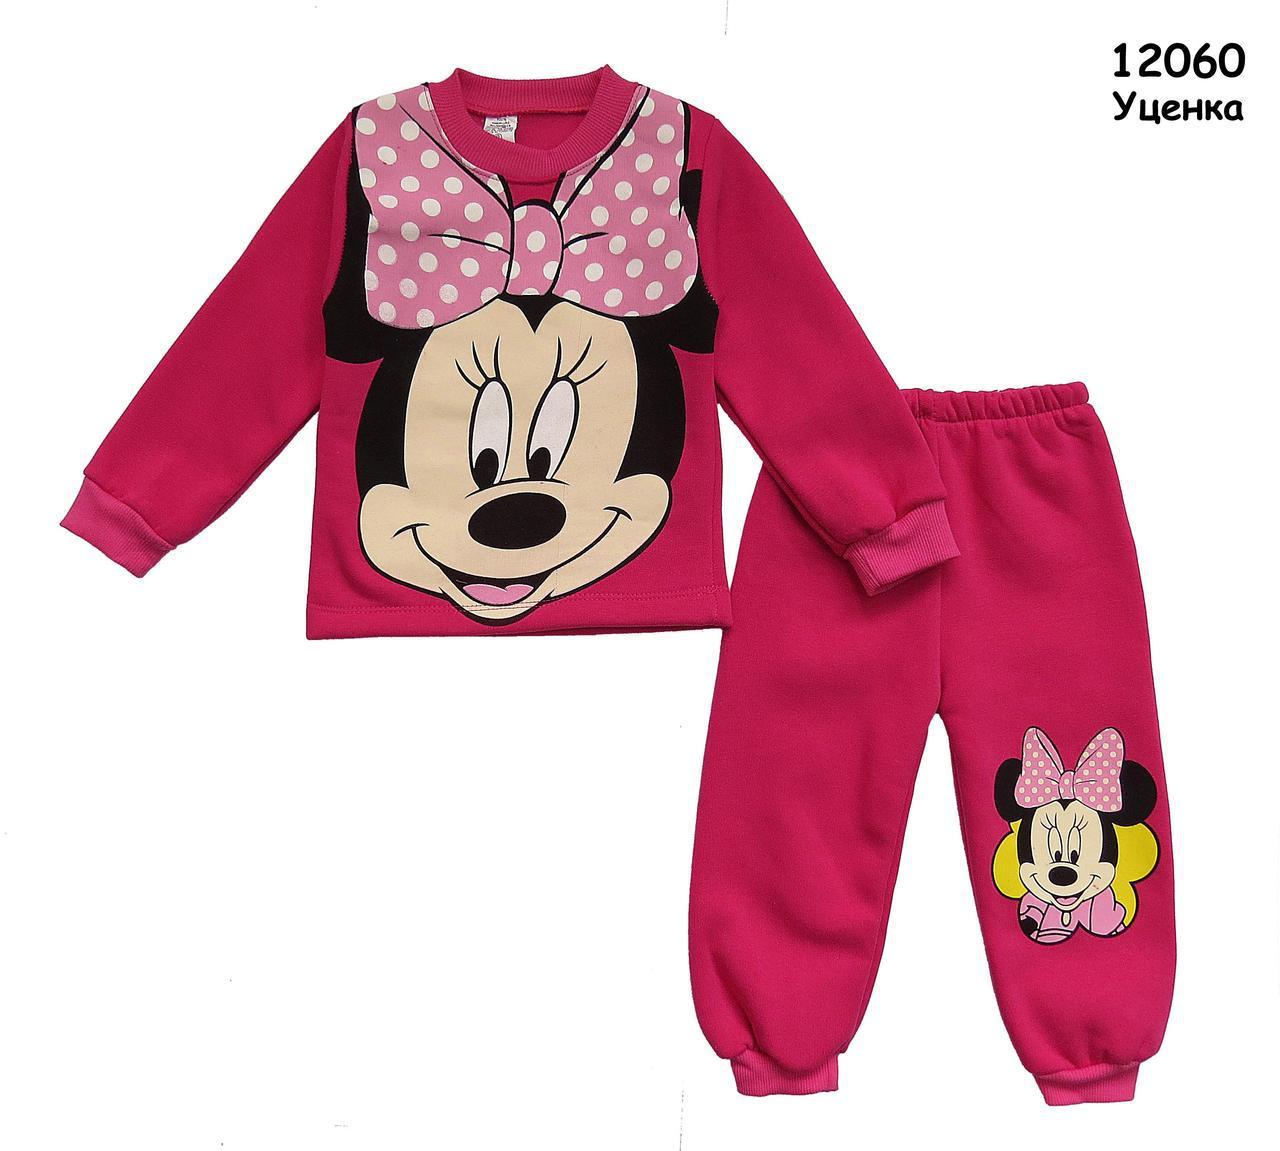 Теплый костюм Minnie Mouse для девочки. 4 года